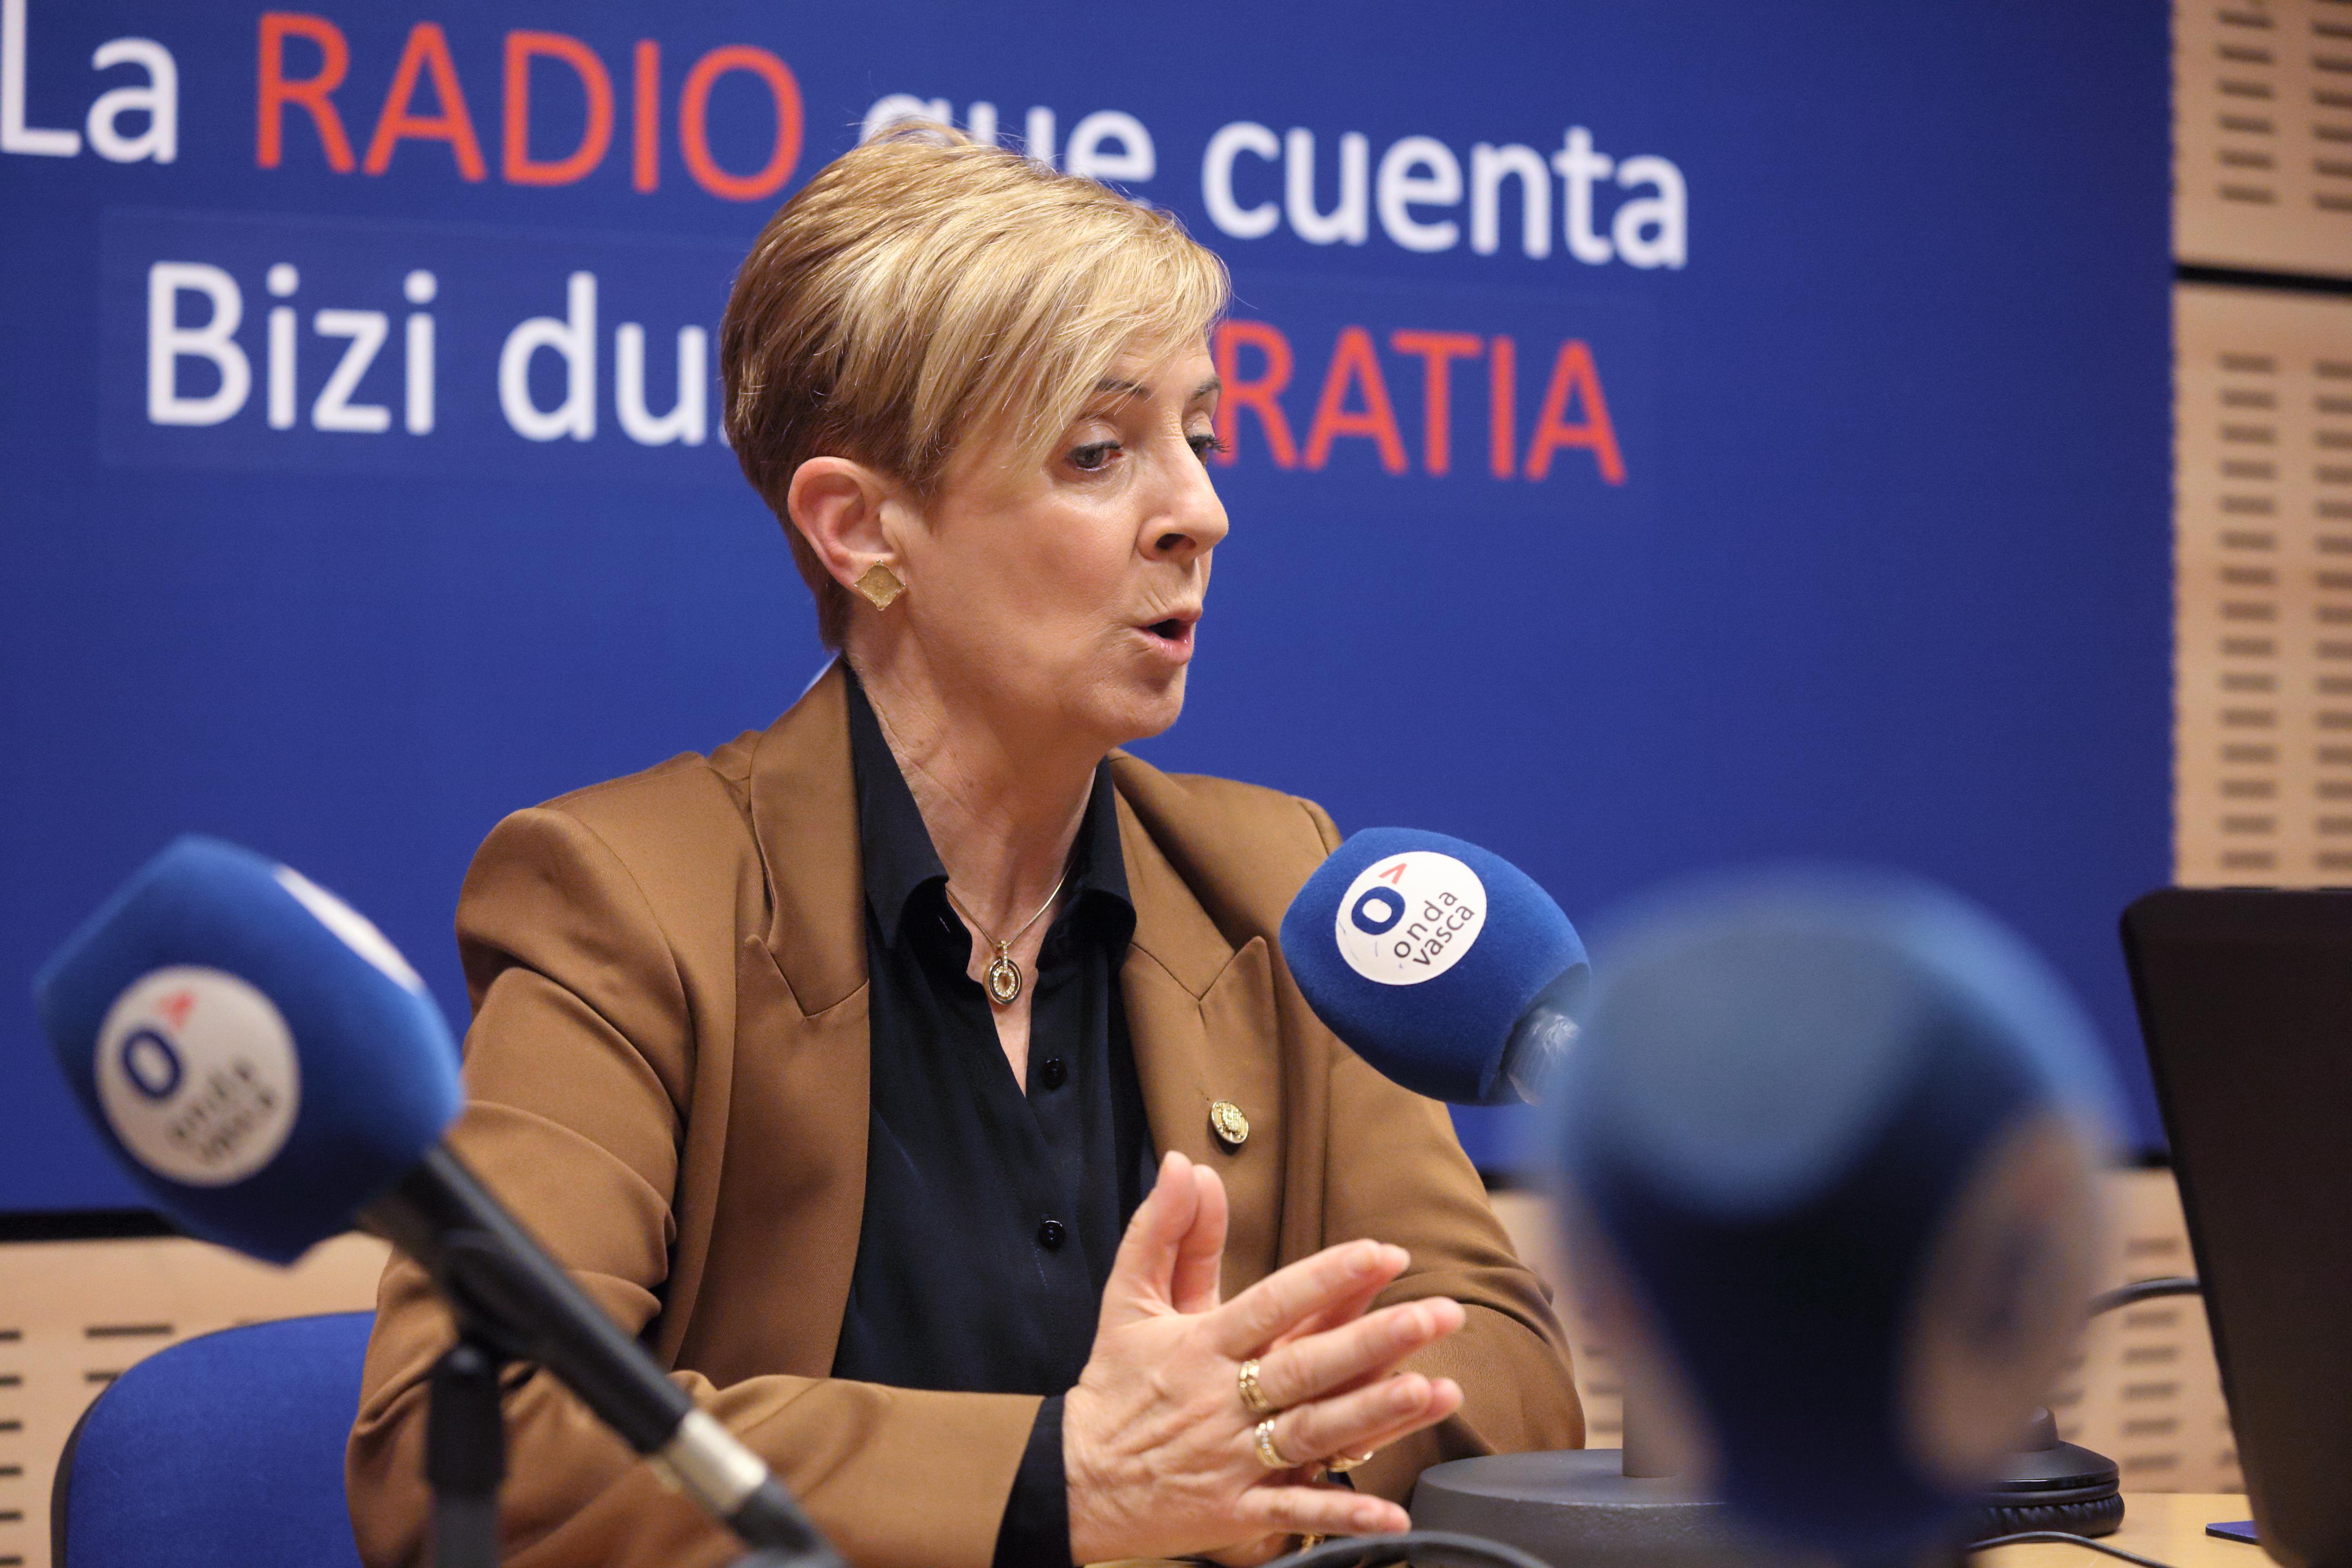 Euskadi logrará duplicar en junio la producción de mascarillas, con 20 millones/mes, y atenderá por completo las necesidades sanitarias, productivas y de la sociedad vasca [2:14]